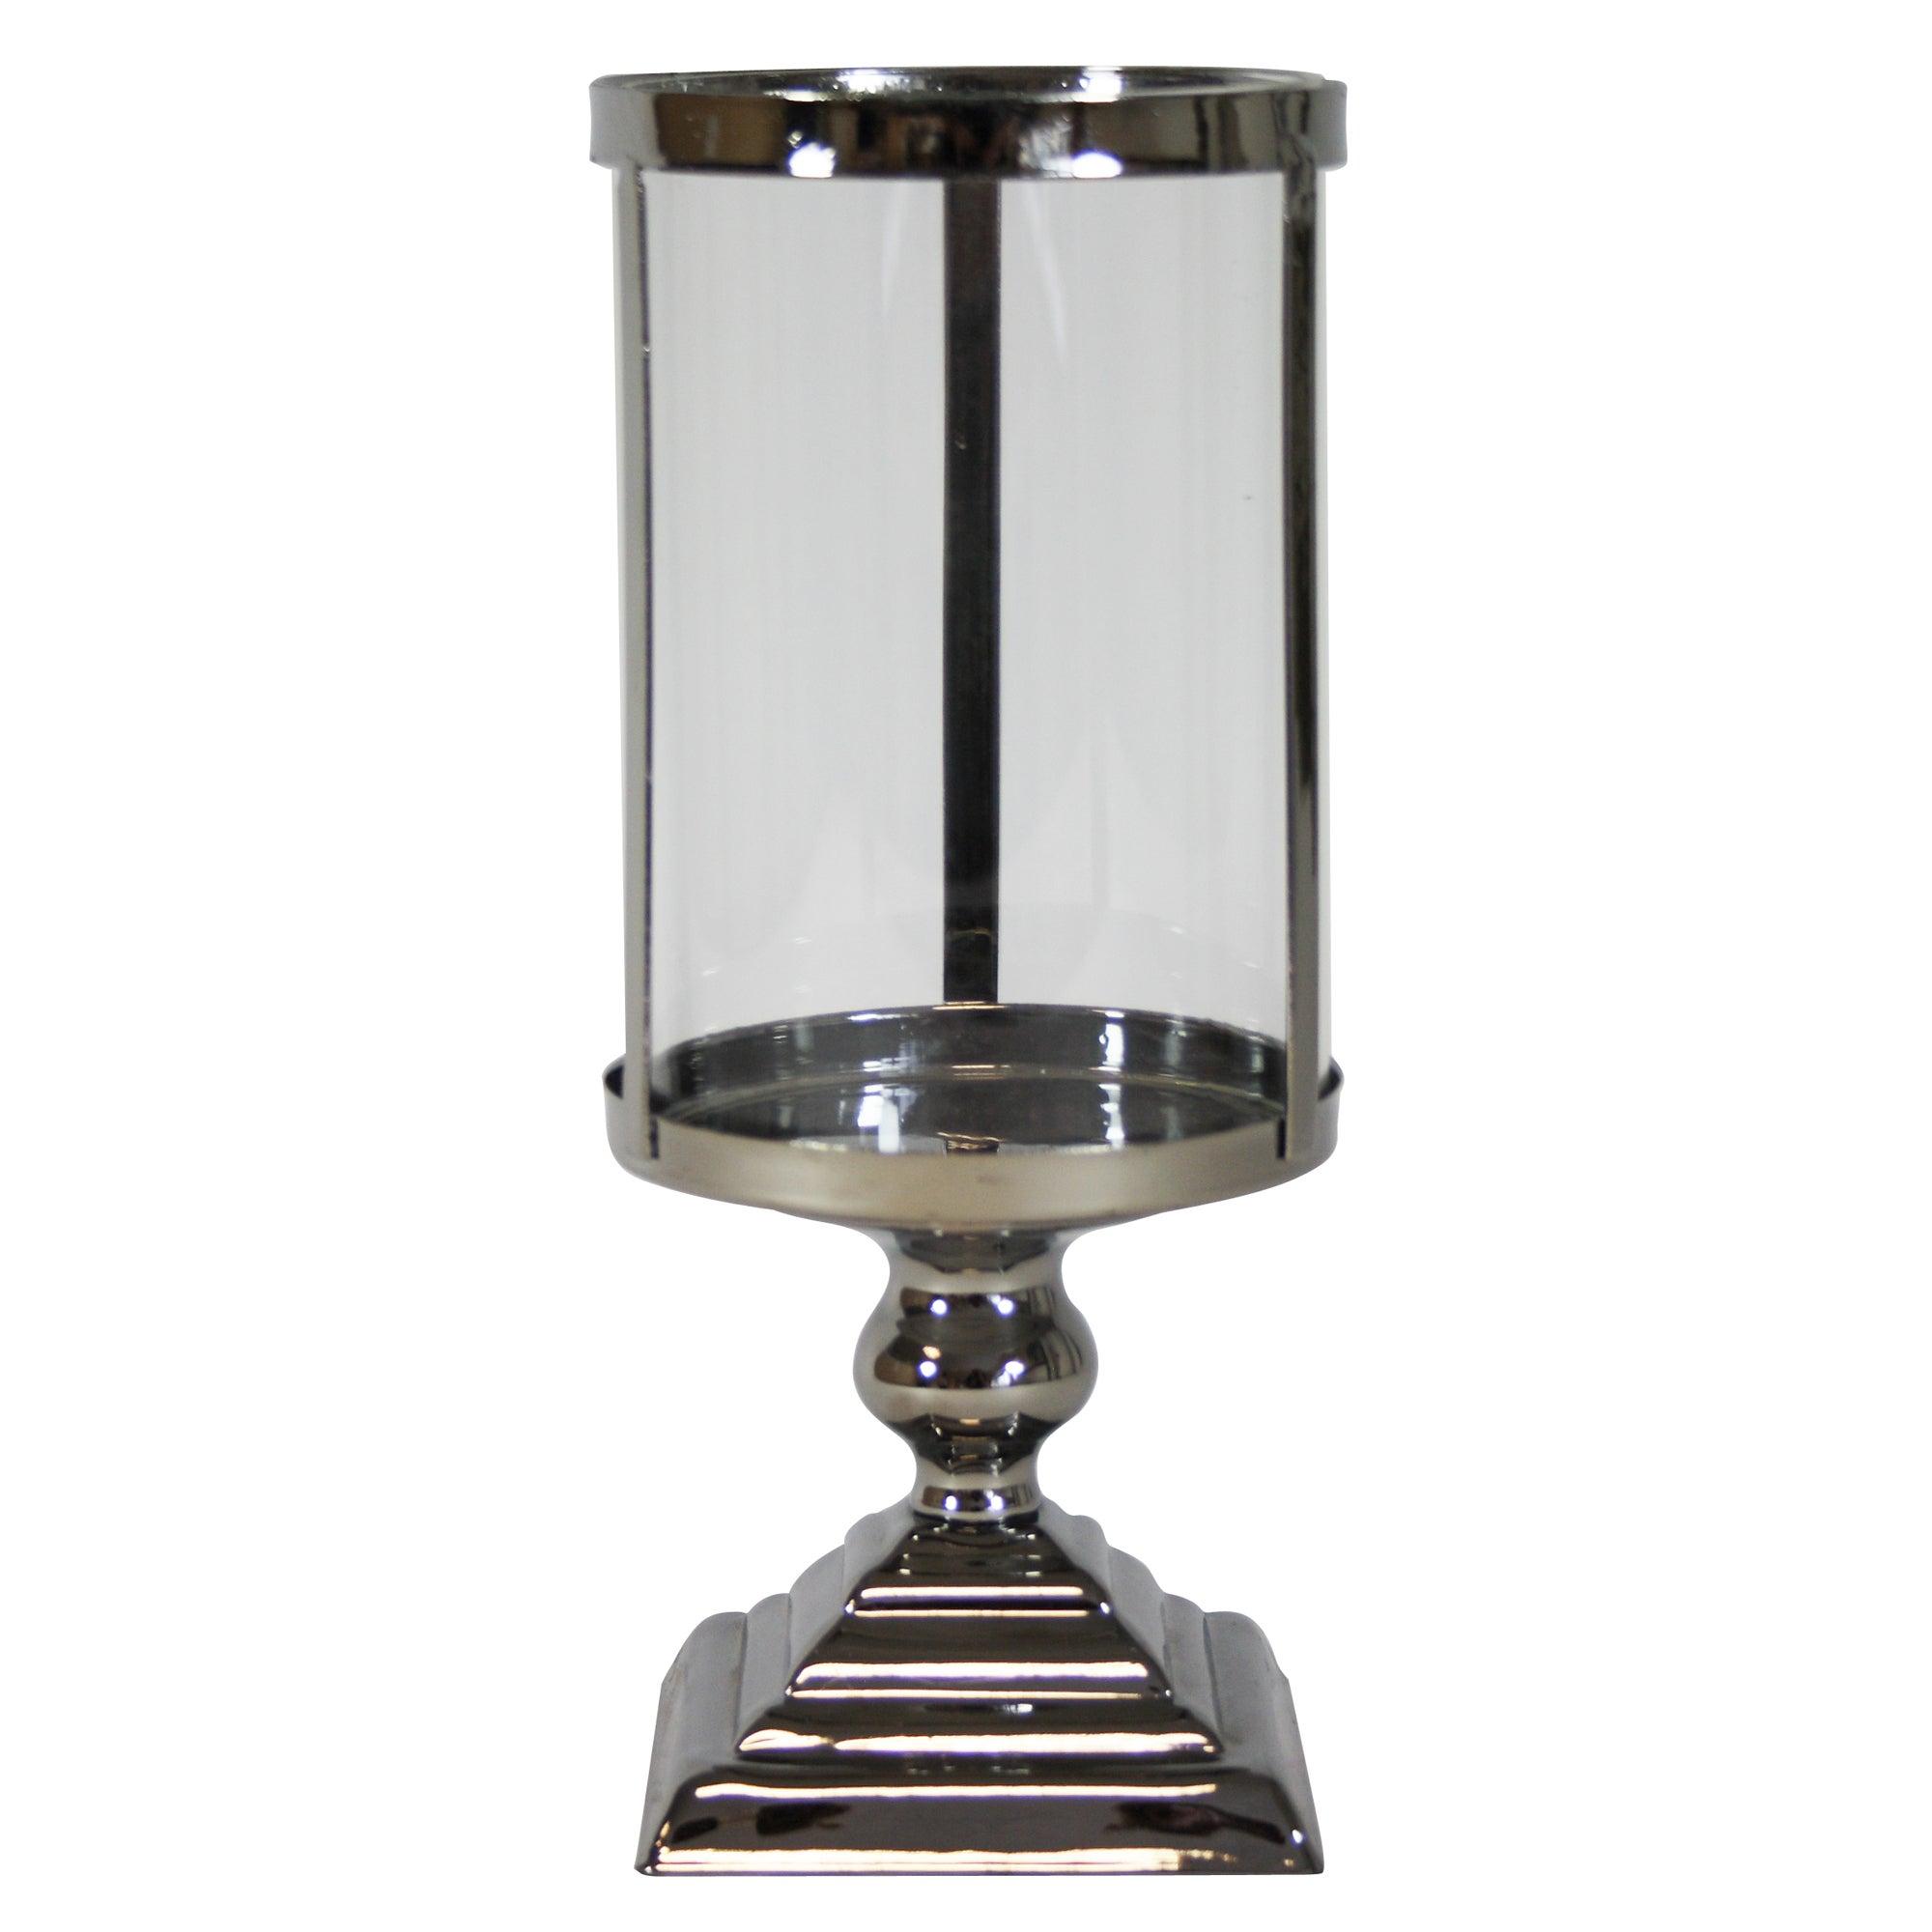 timeless collection candle holder. Black Bedroom Furniture Sets. Home Design Ideas